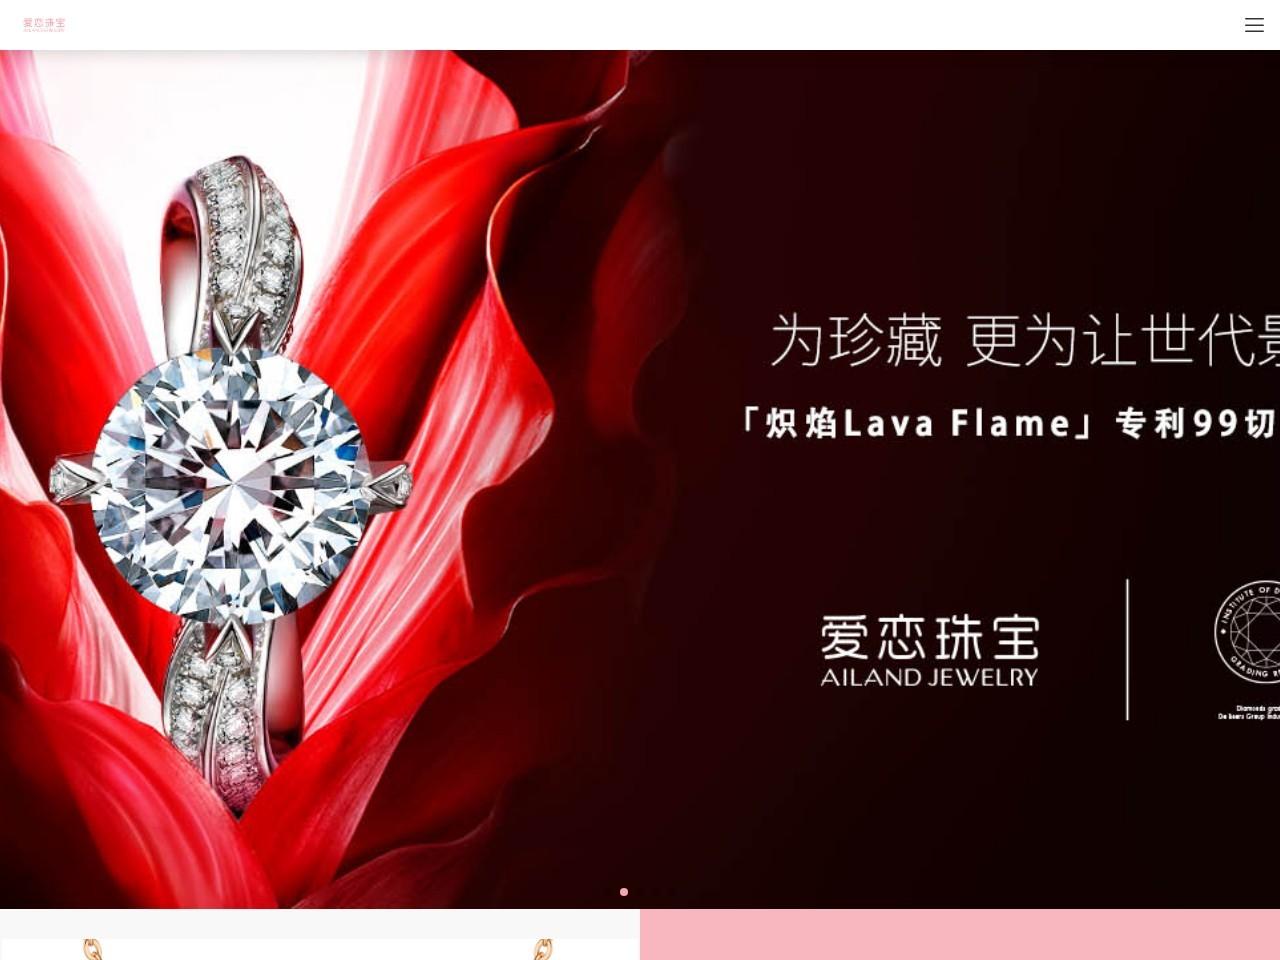 爱恋珠宝-官方网站